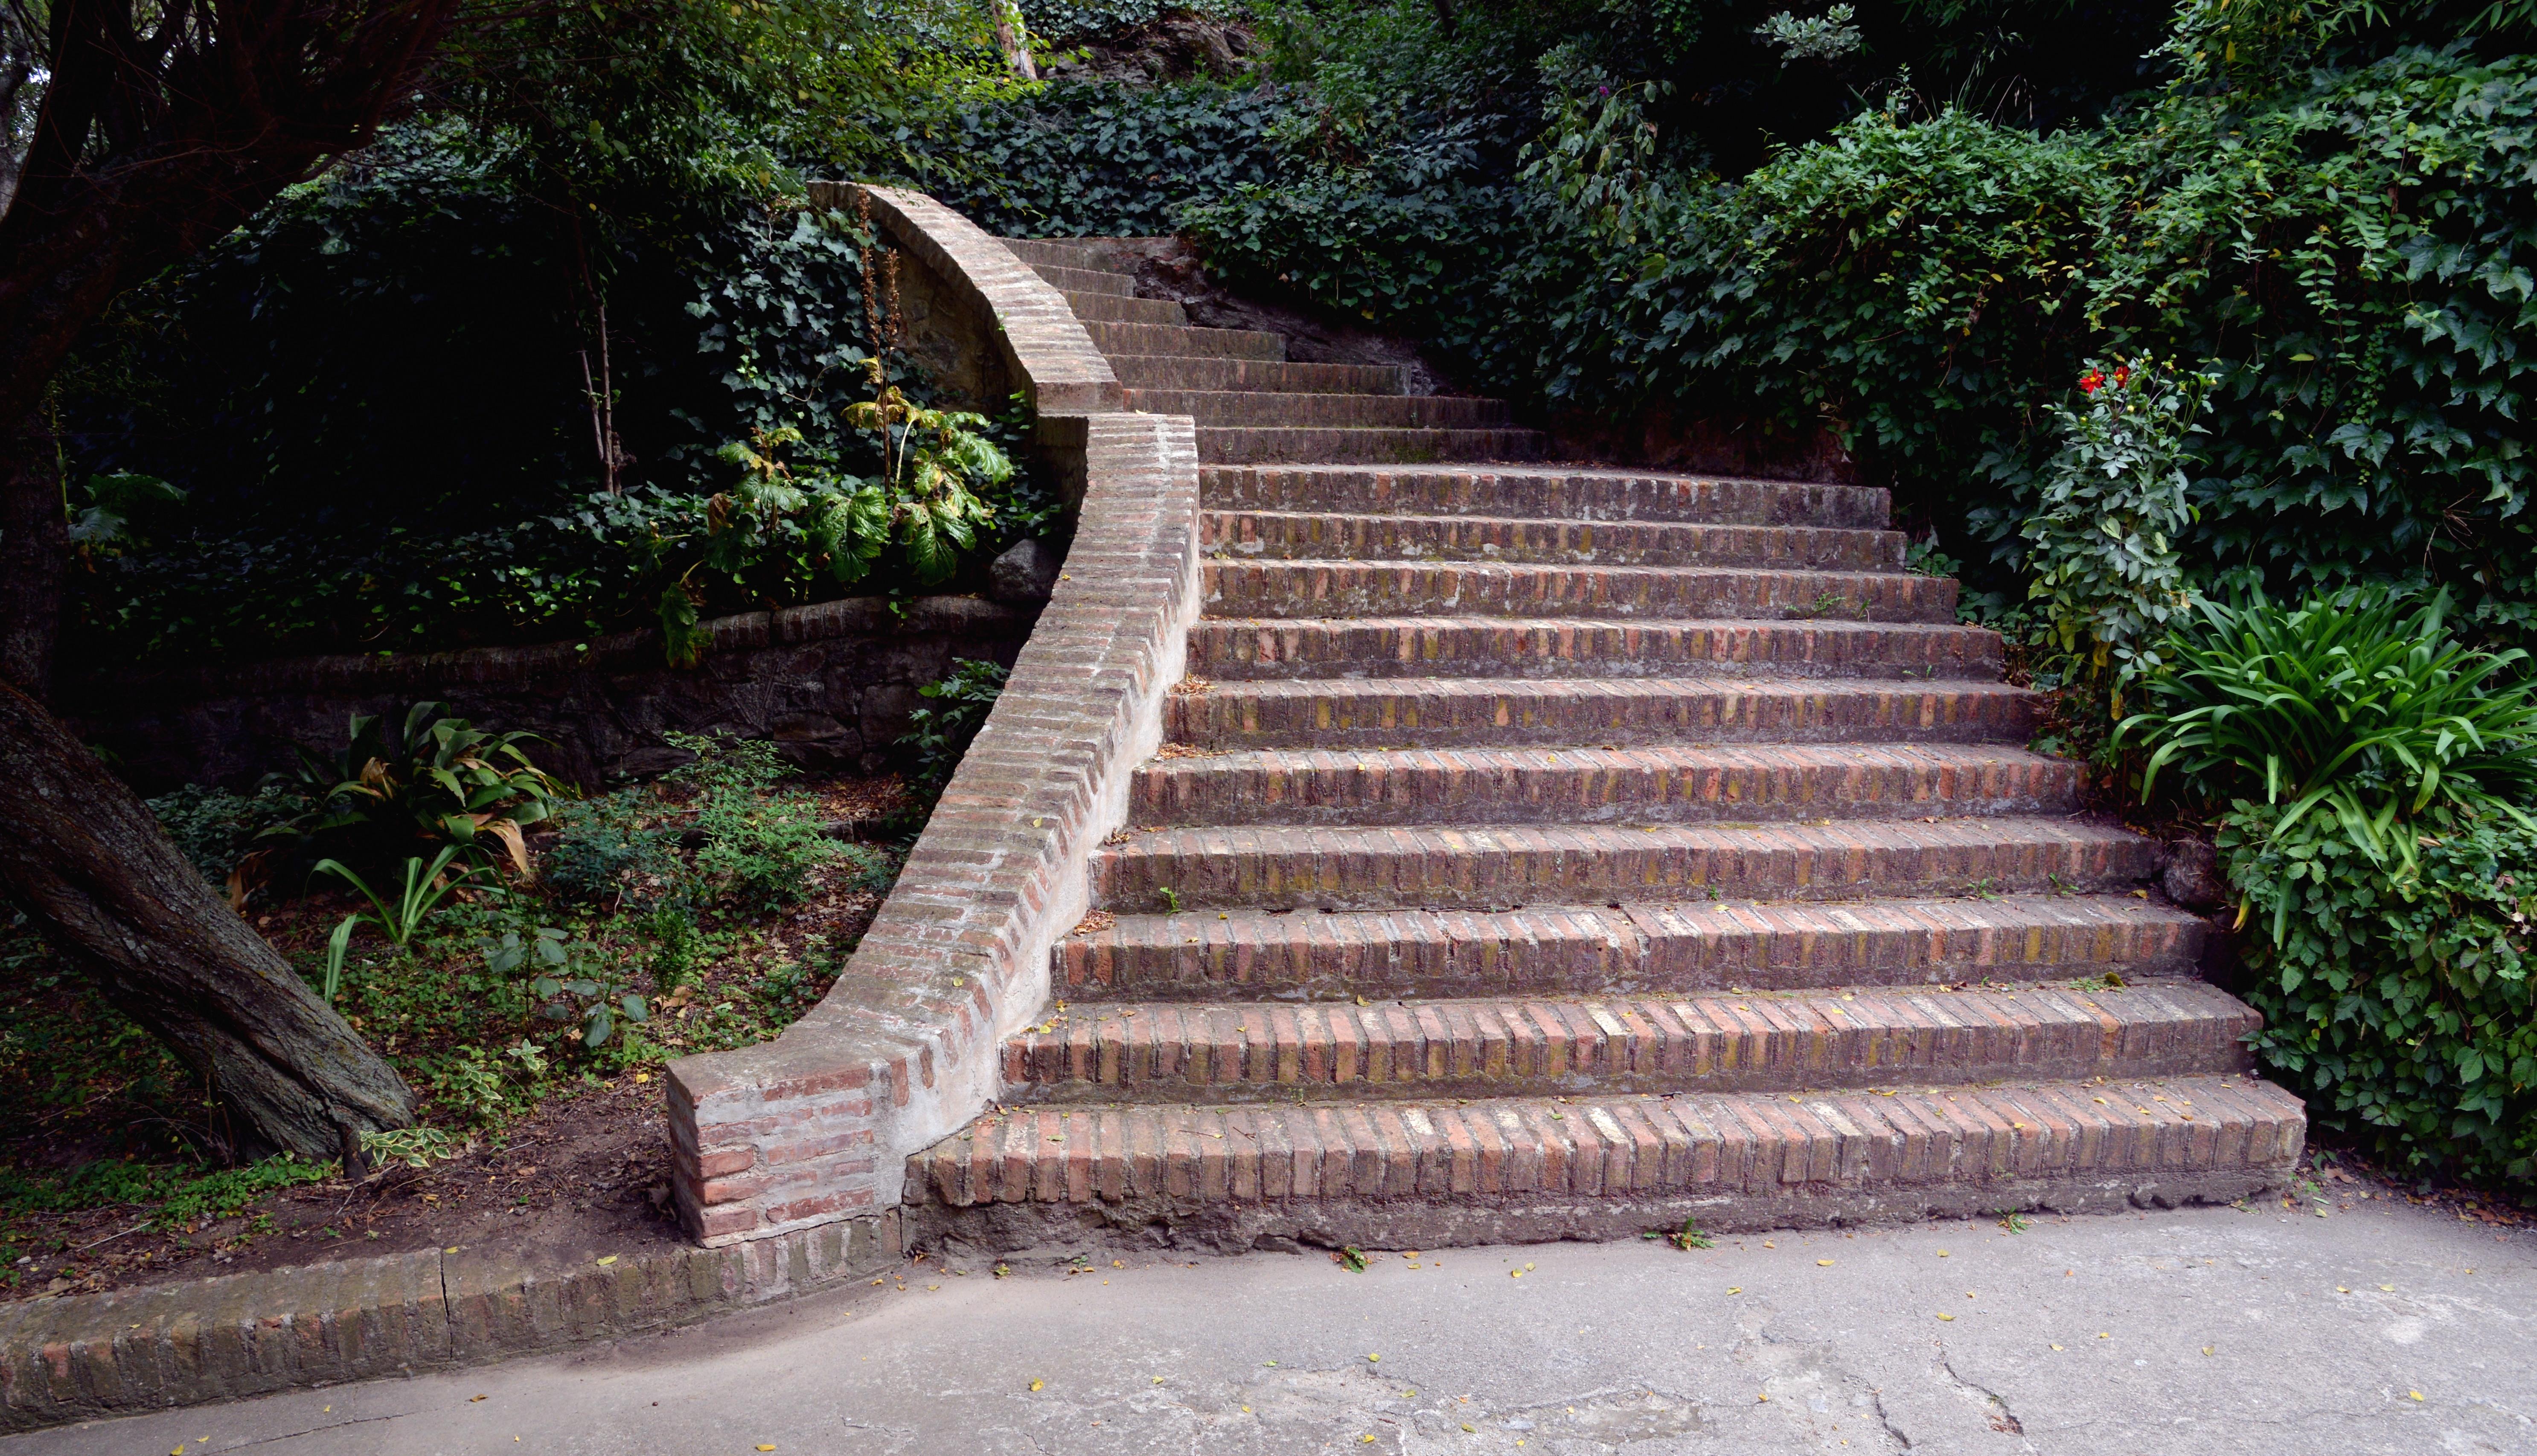 Escalera de ladrillos el blog del profe jos - Escaleras de ladrillo ...